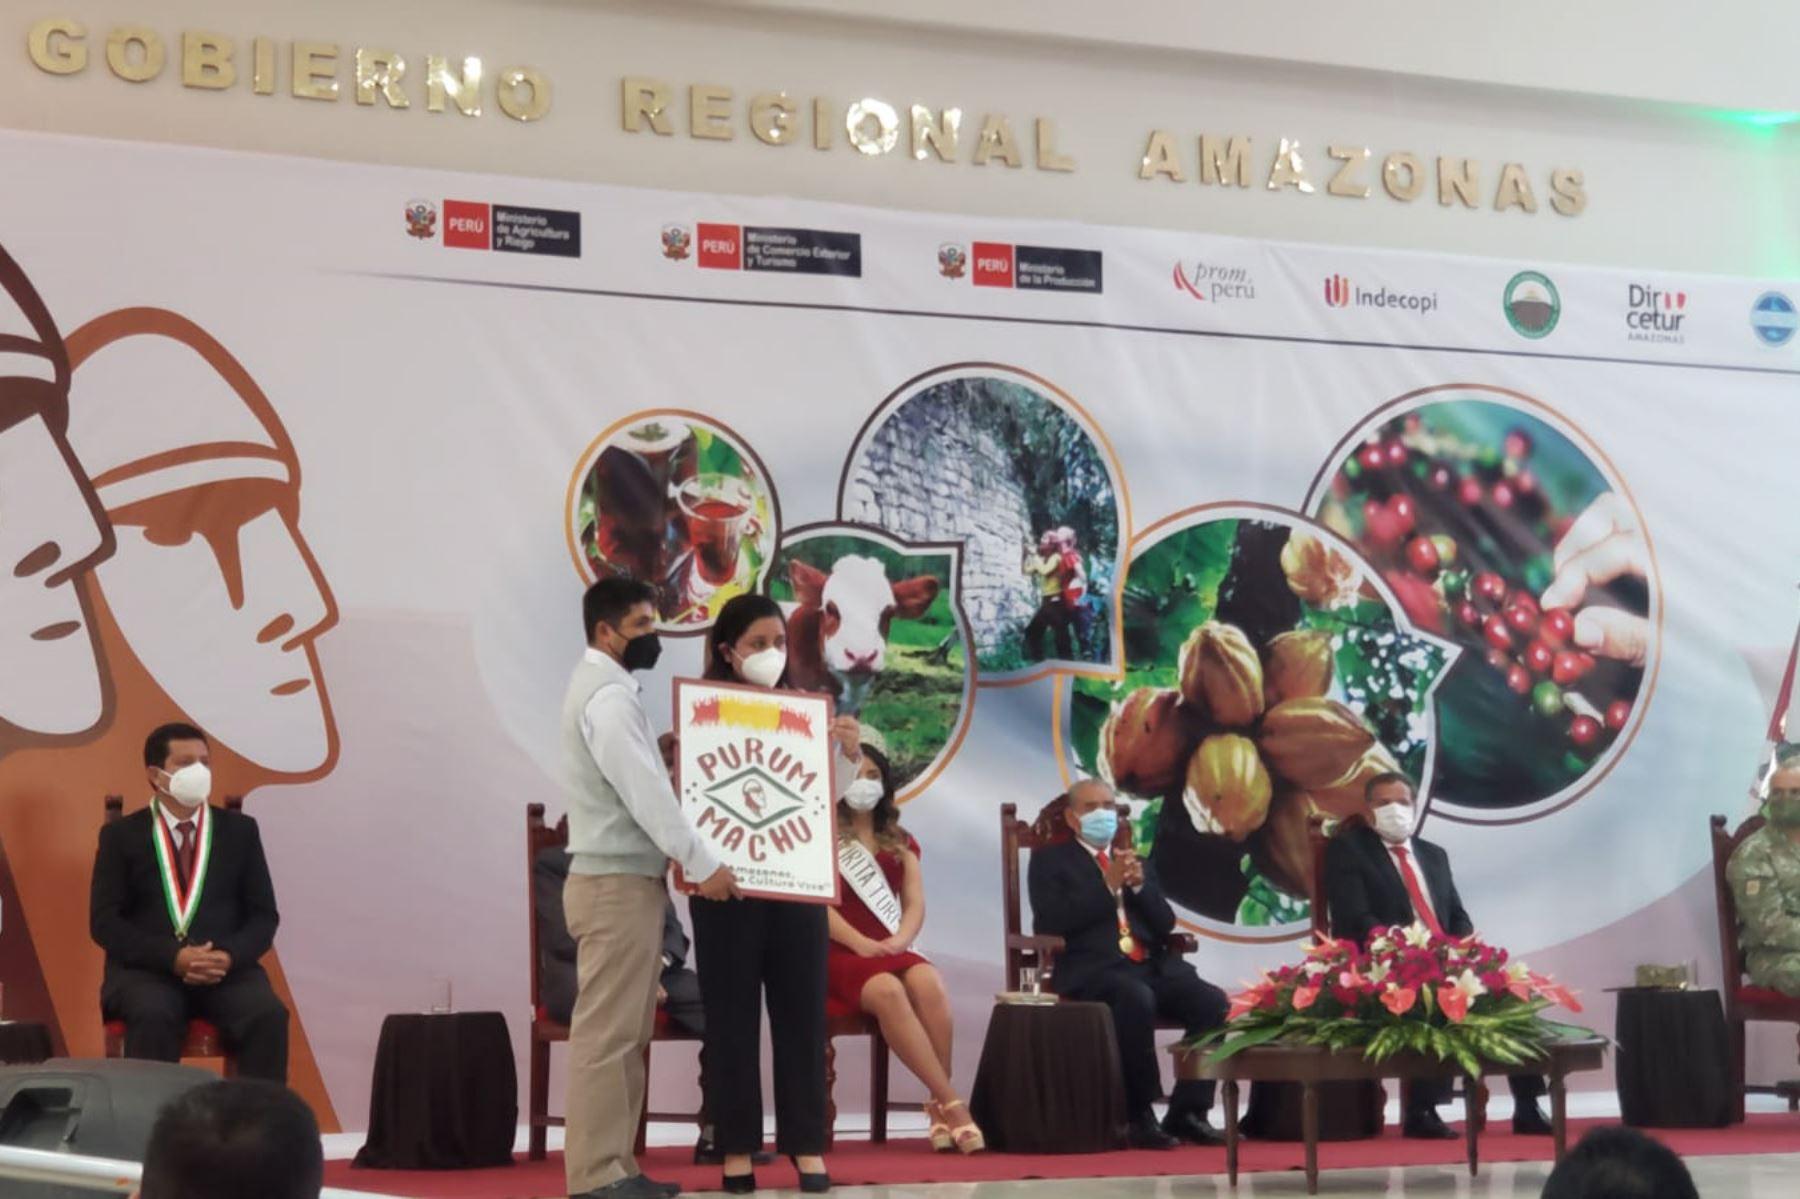 """El Indecopi otorgó marca de certificación denominada """"Purum Machu"""" al gobierno regional de Amazonas, que busca promocionar a la región e impulsar su reactivación económica. Foto: ANDINA/Difusión"""